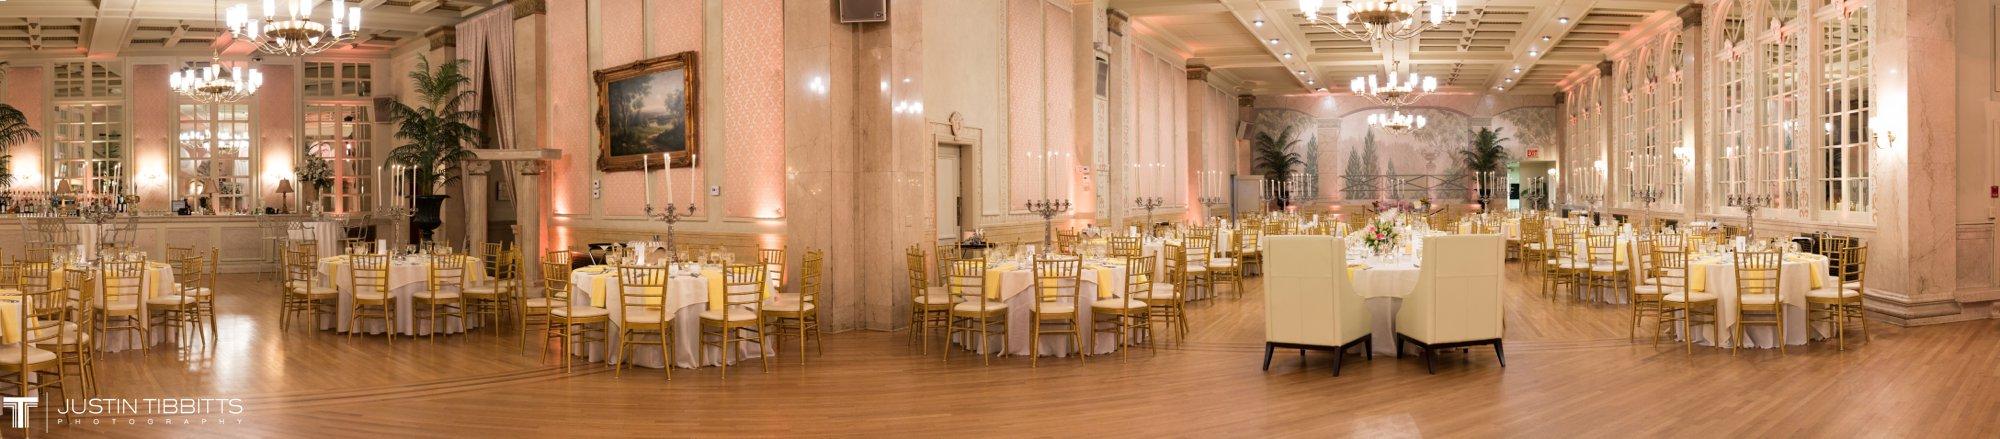 Albany NY Wedding Photographer Justin Tibbitts Photography 2014 Best of Albany NY Weddings-3132987677113